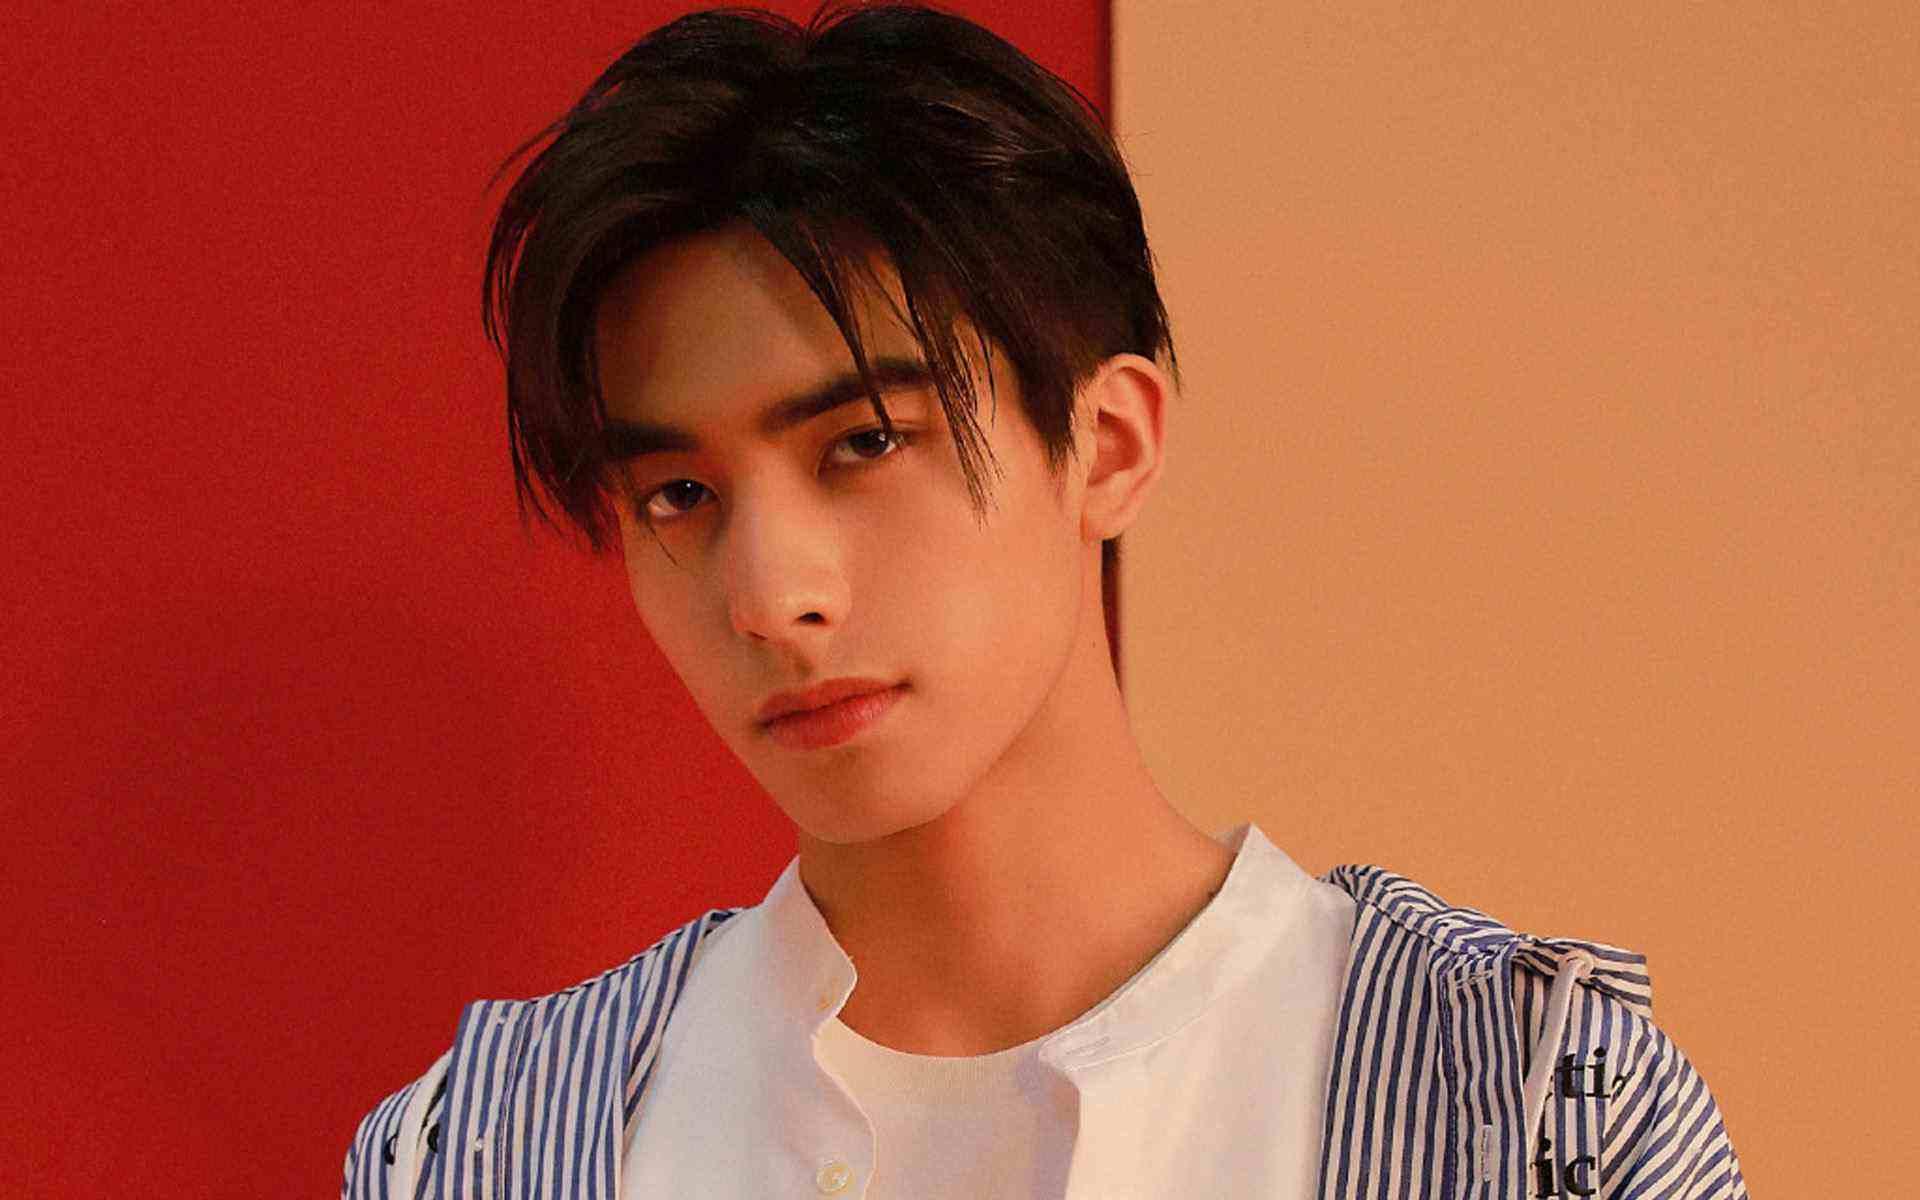 Giải đáp bí ẩn sao Hoa ngữ: La Vân Hi đã kết hôn, Tống Uy Long là 'bad boy' chuyên 'bắt cá nhiều tay'? - Ảnh 2